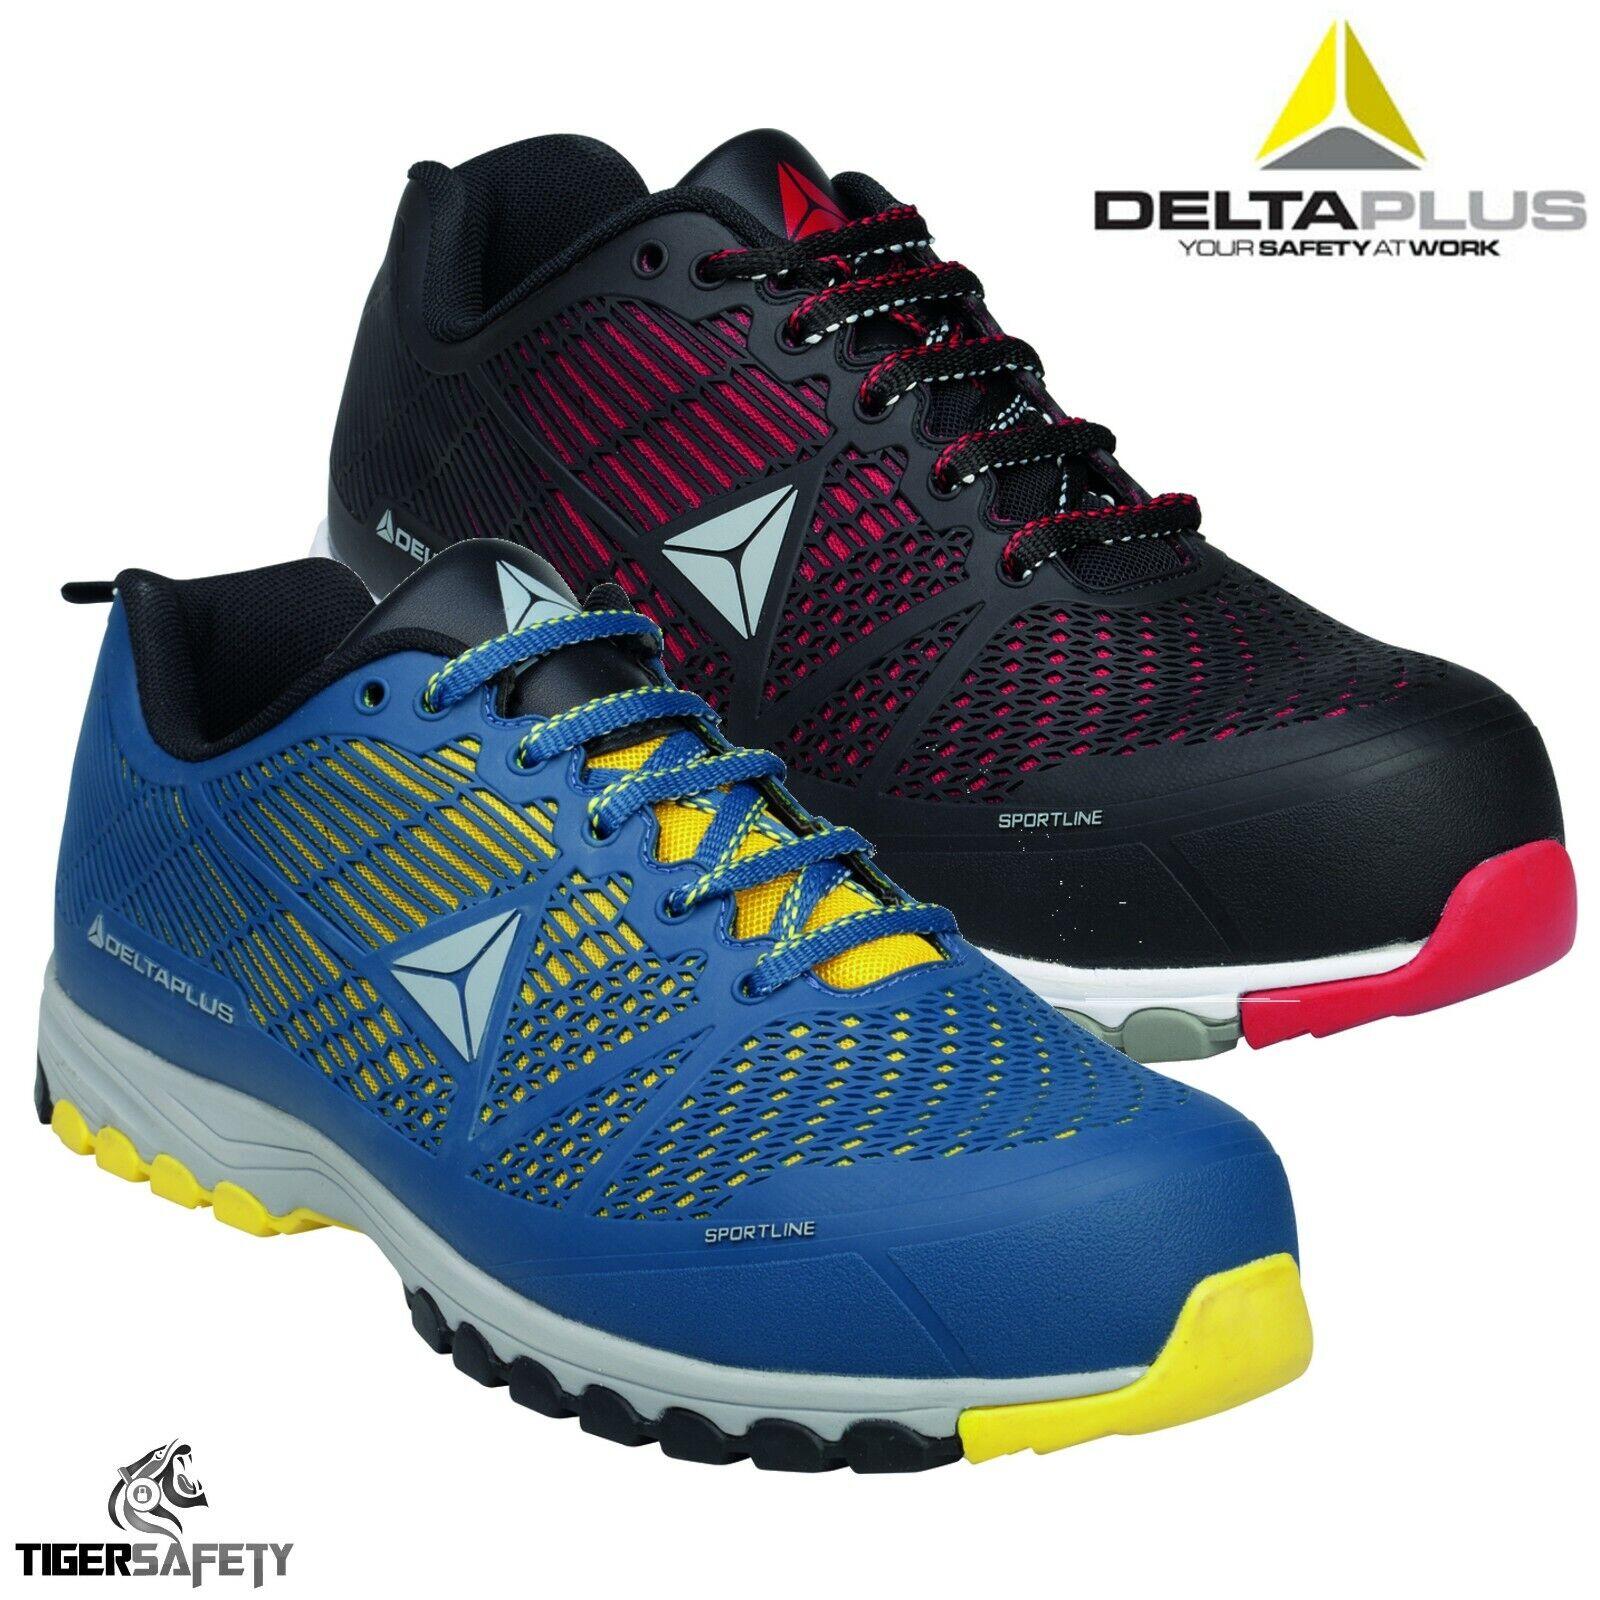 Delta Plus Delta Sport Libre De Metal Ligero Puntera Composite Seguridad Zapatillas